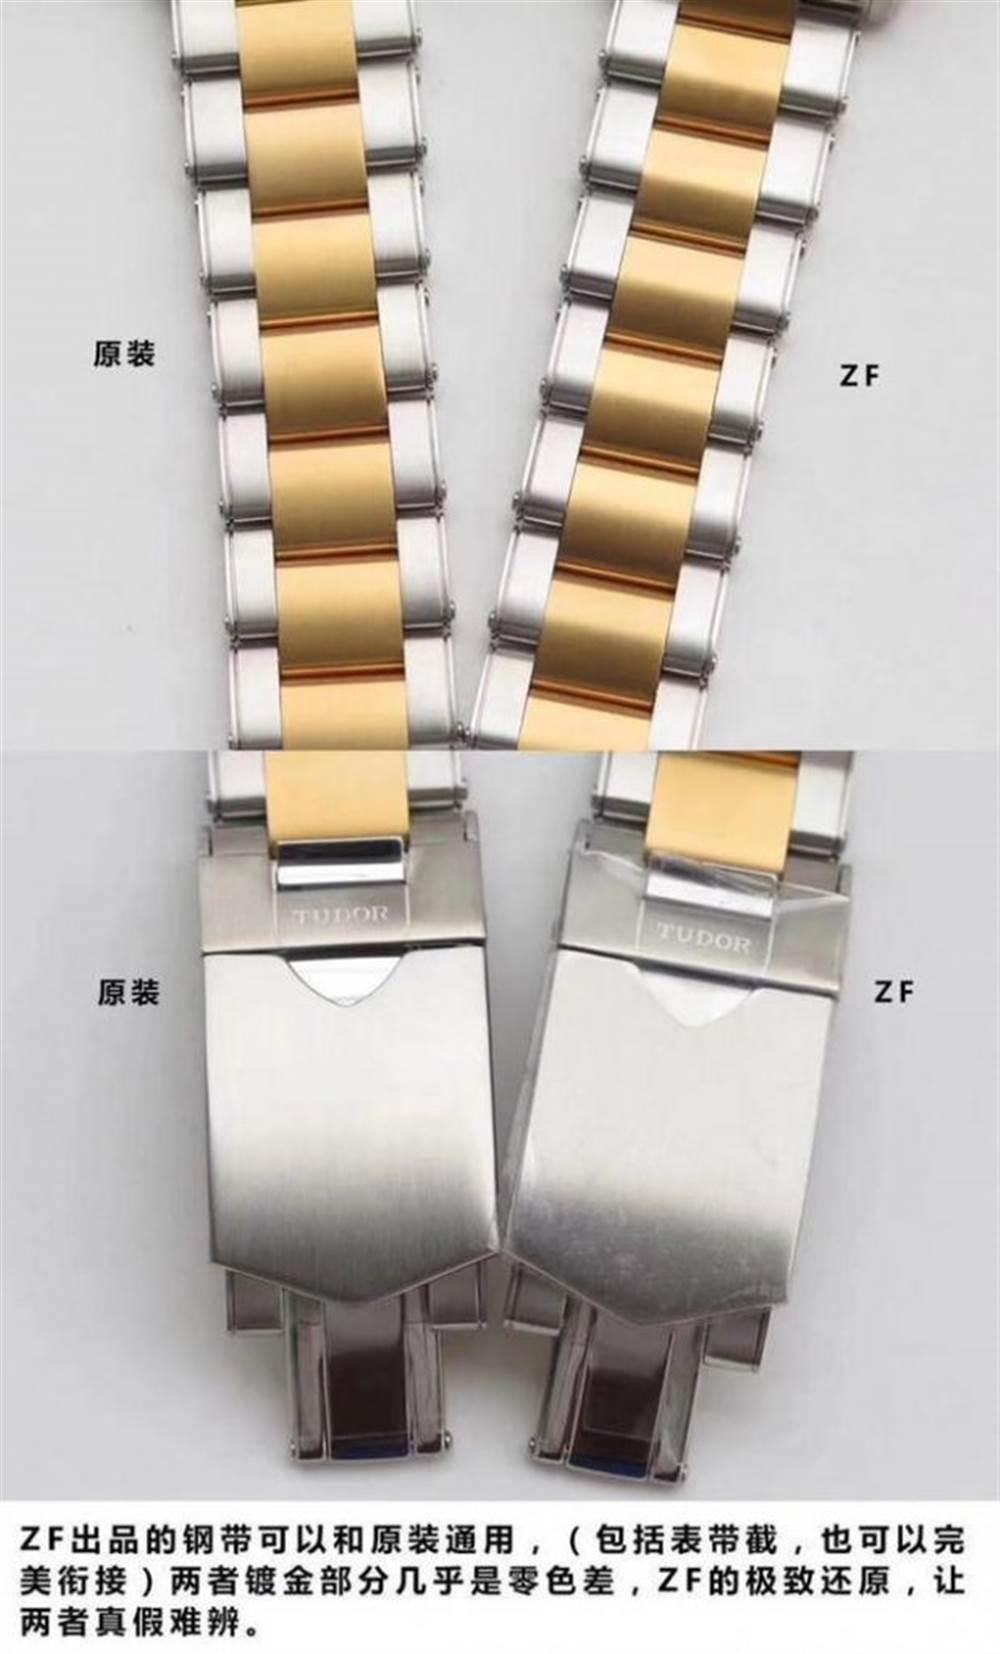 ZF厂帝舵启承碧湾79733N复刻表和正品对比还有多少差距?